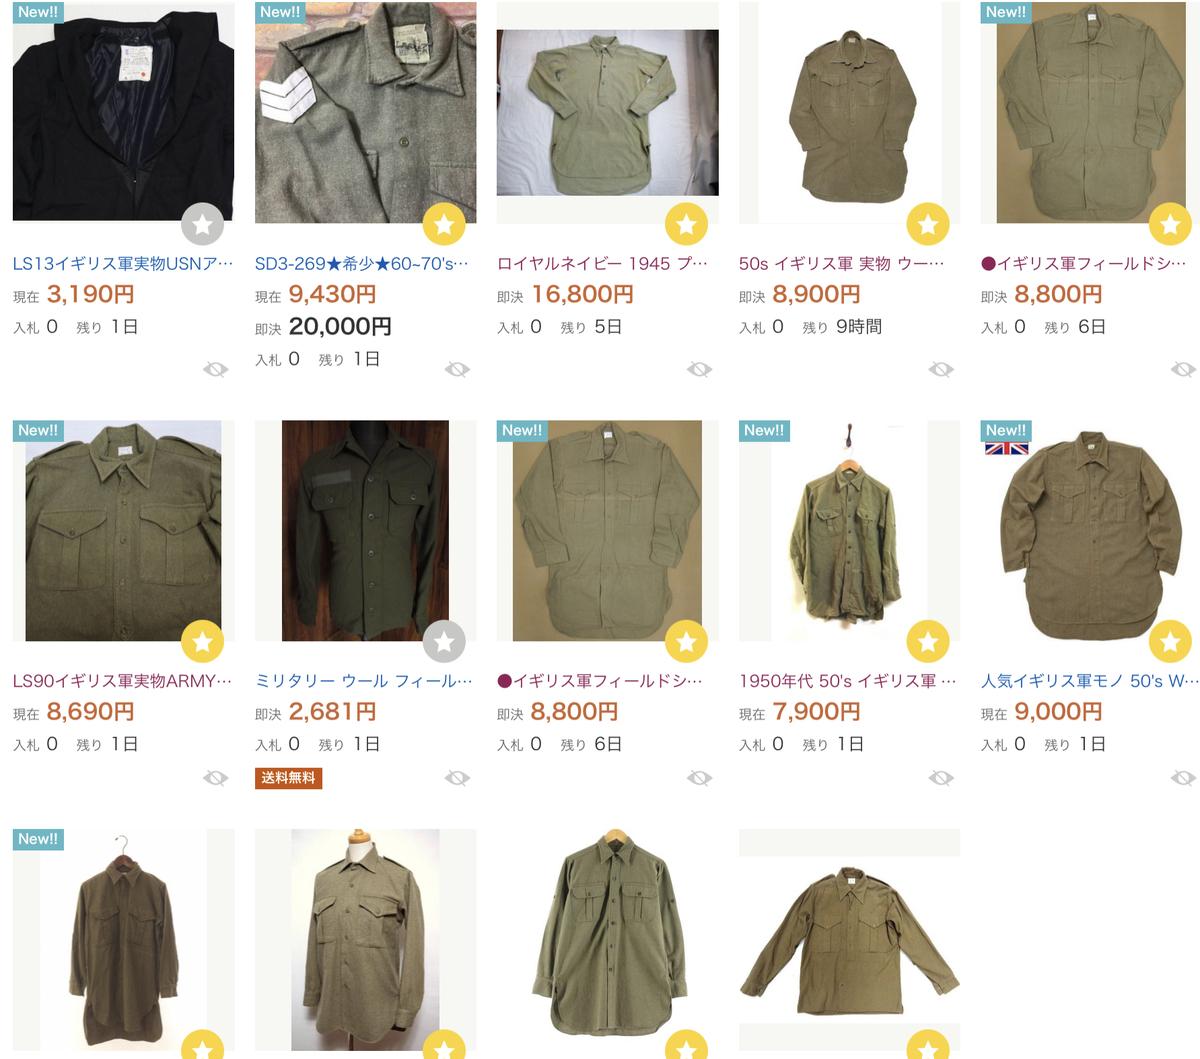 イギリス軍ウールシャツのオークション出品状況